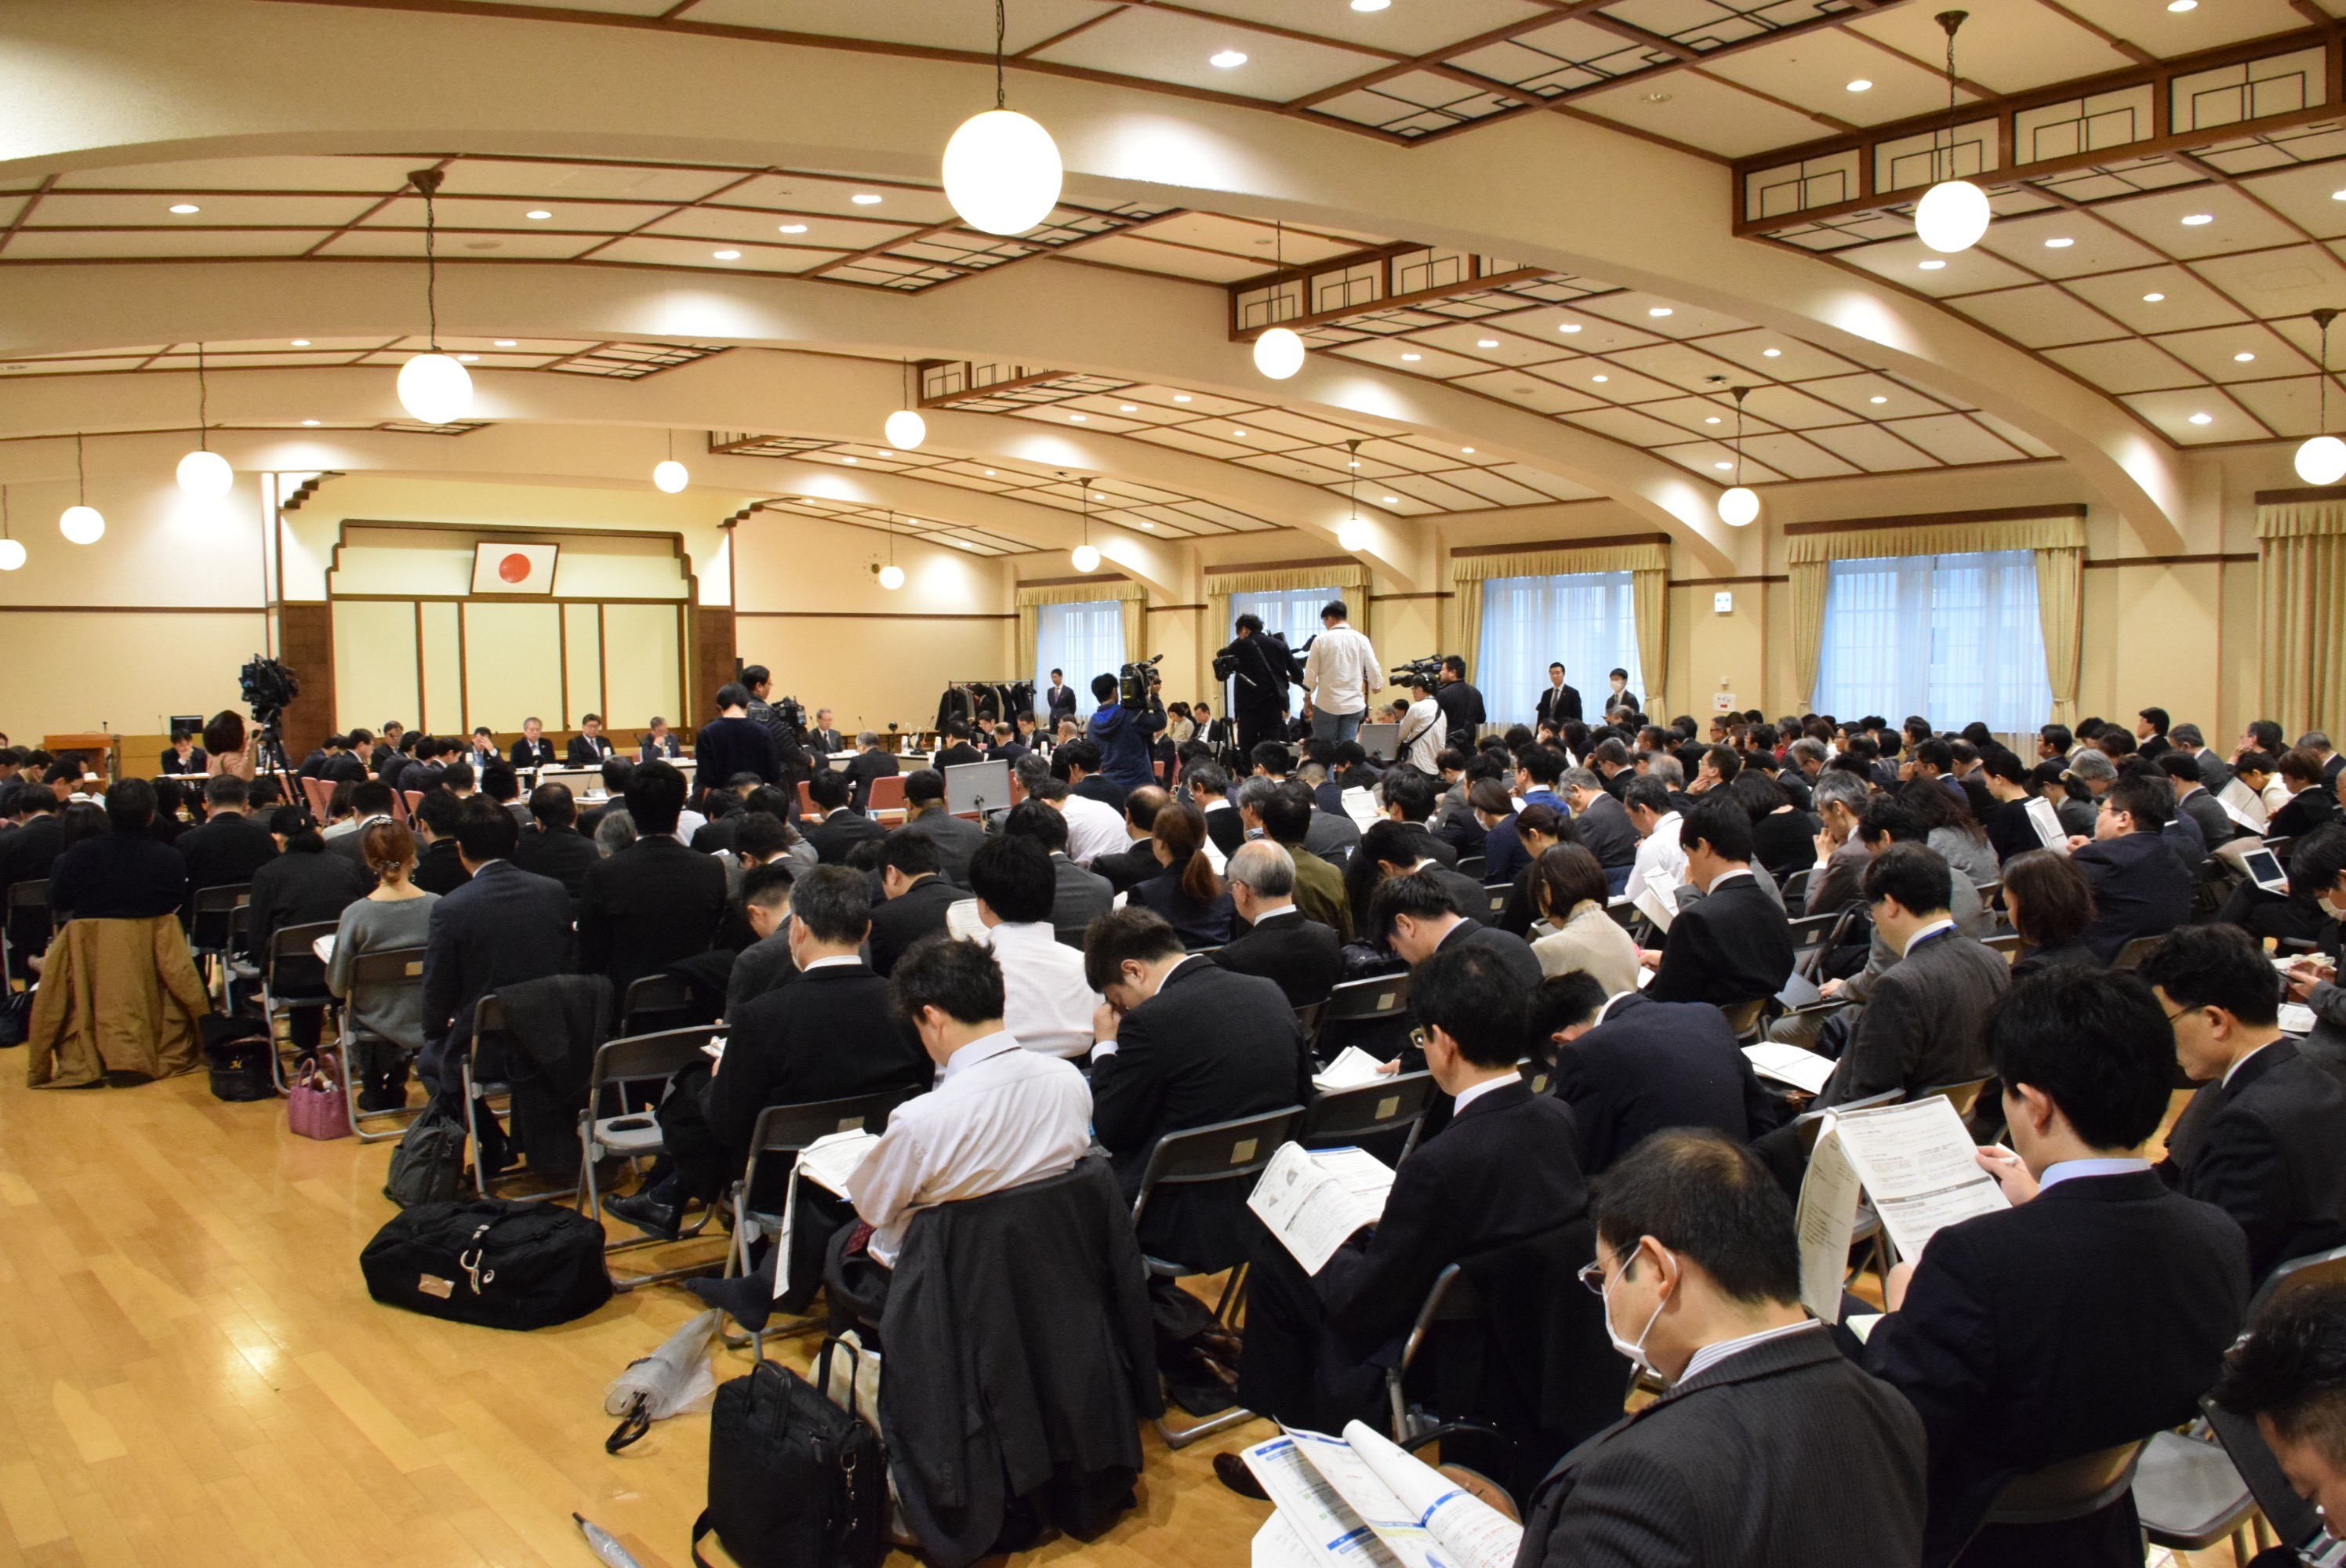 大学 入試 の あり方 に関する 検討 会議